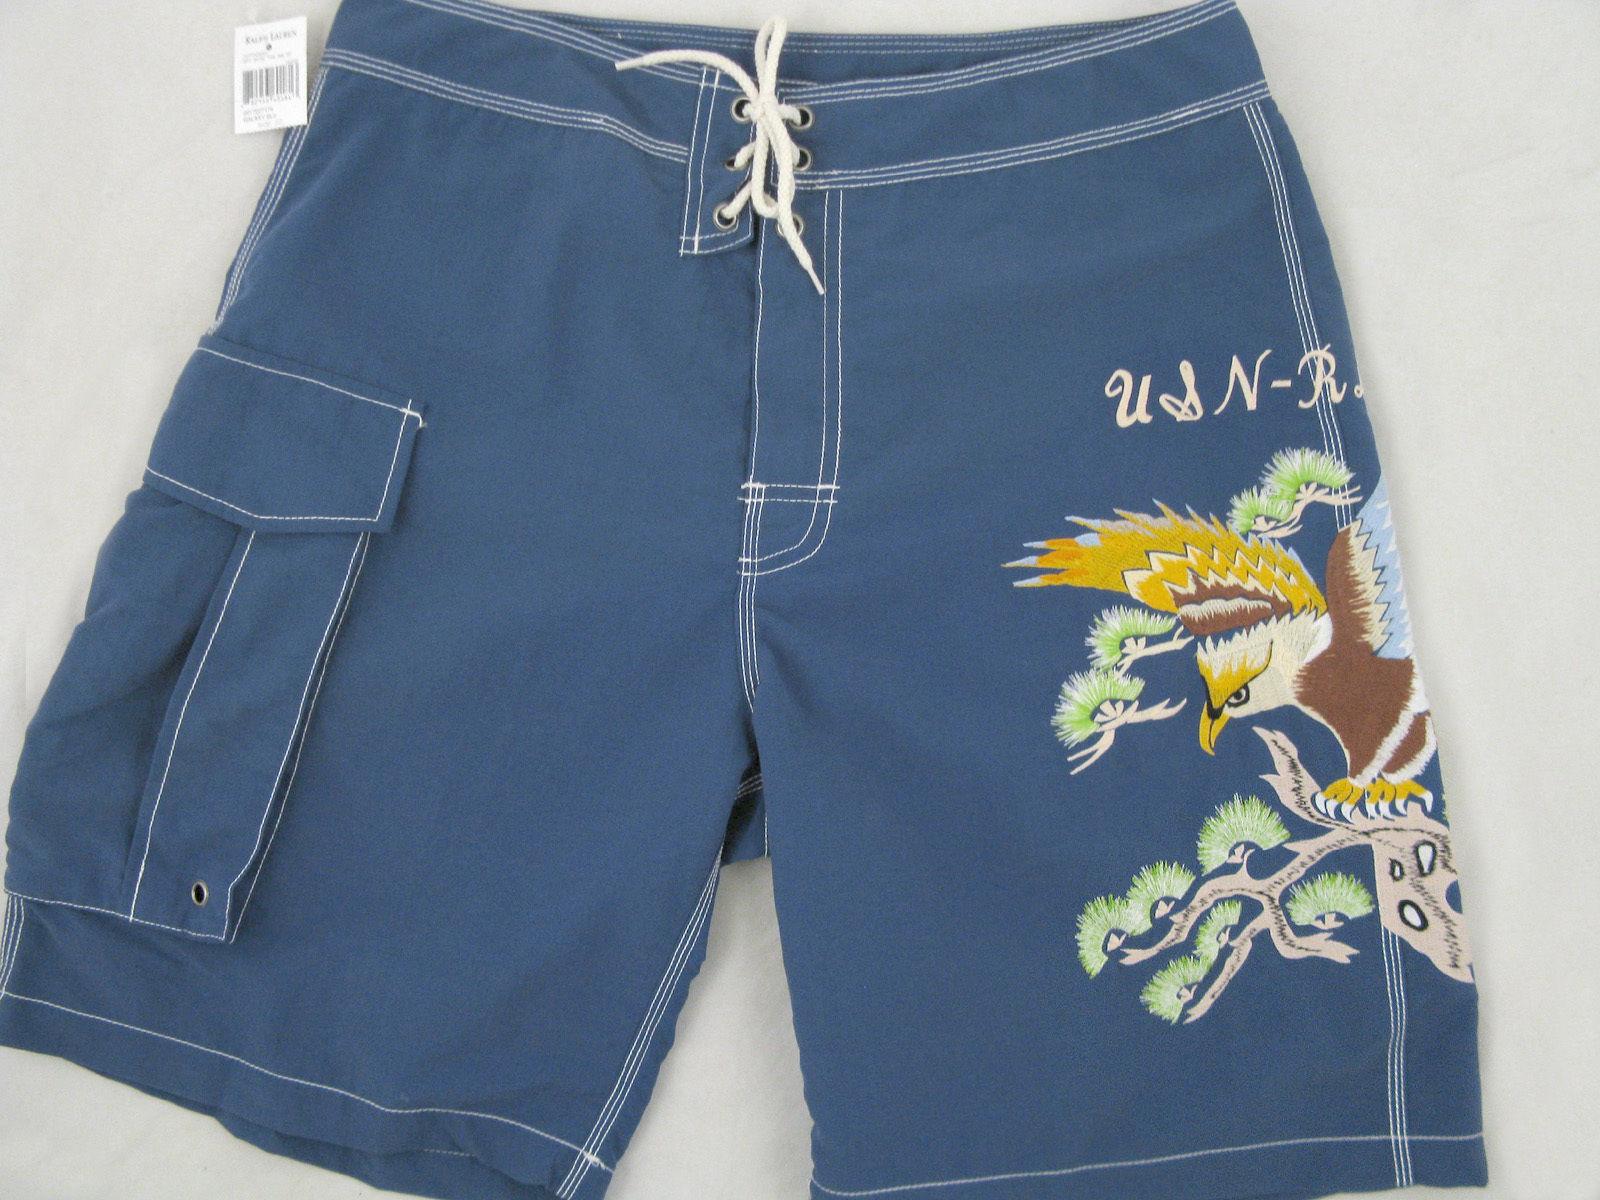 b74d1a037d Polo Ralph Lauren VINTAGE Swim Shorts! and 50 similar items. S l1600